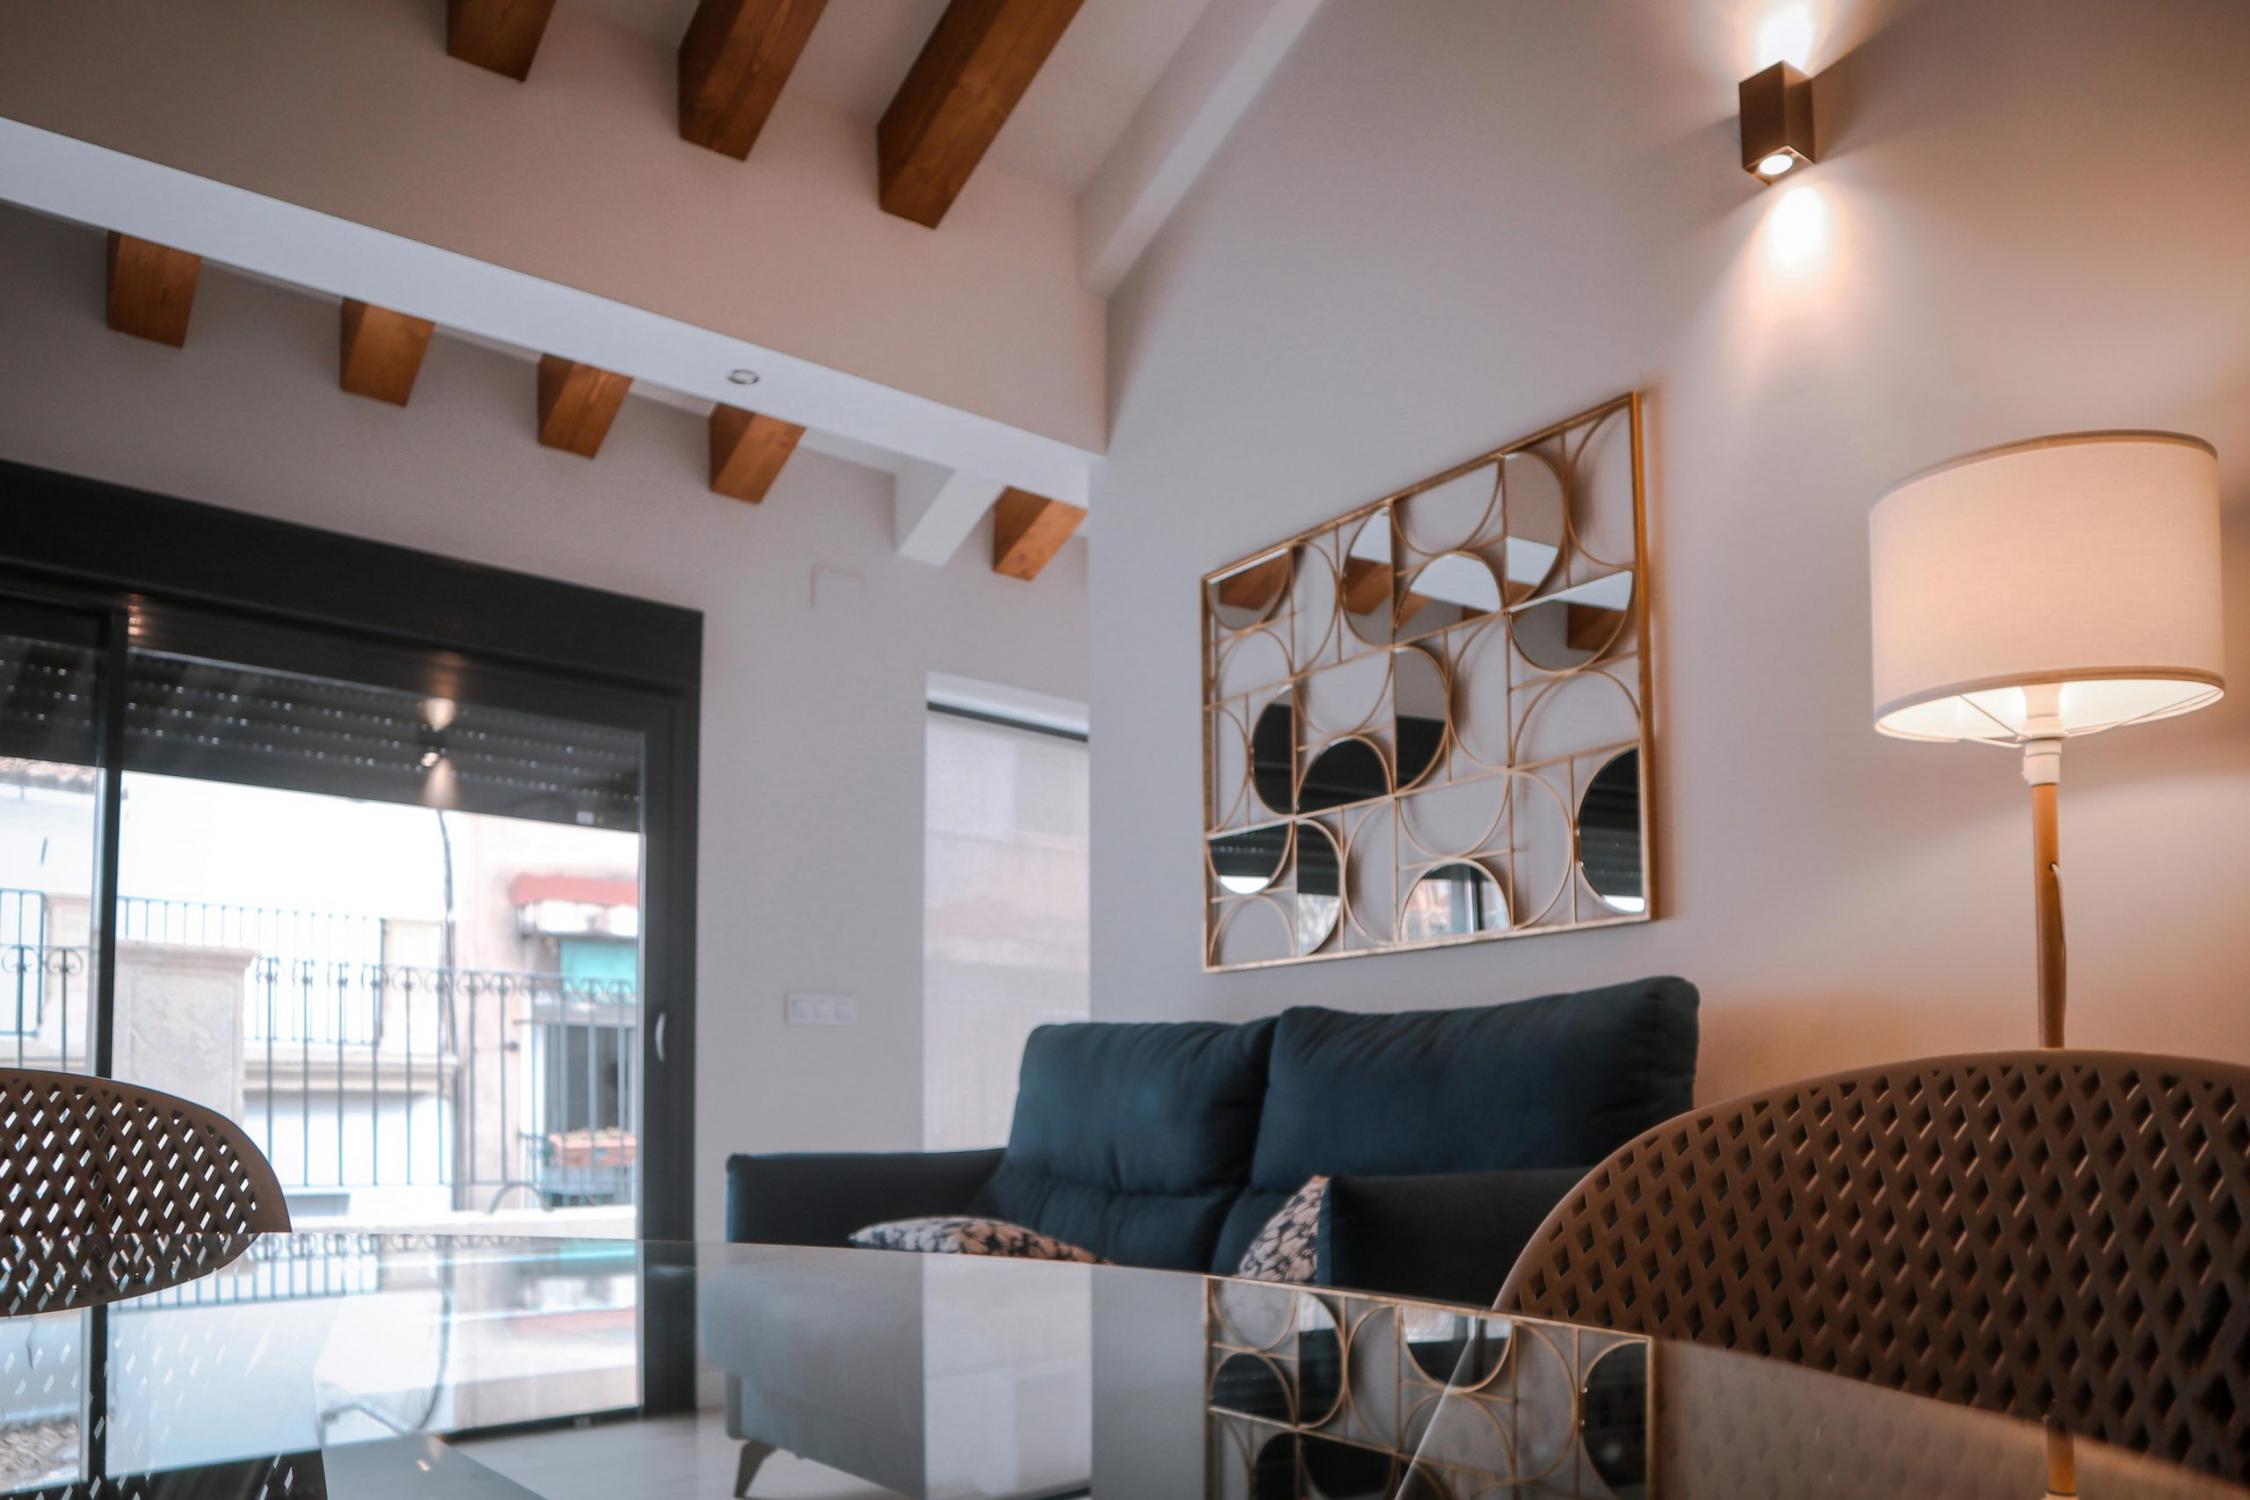 Interior de vivienda de Labradores 24, Alicante. Salón del ático con vistas a la terraza